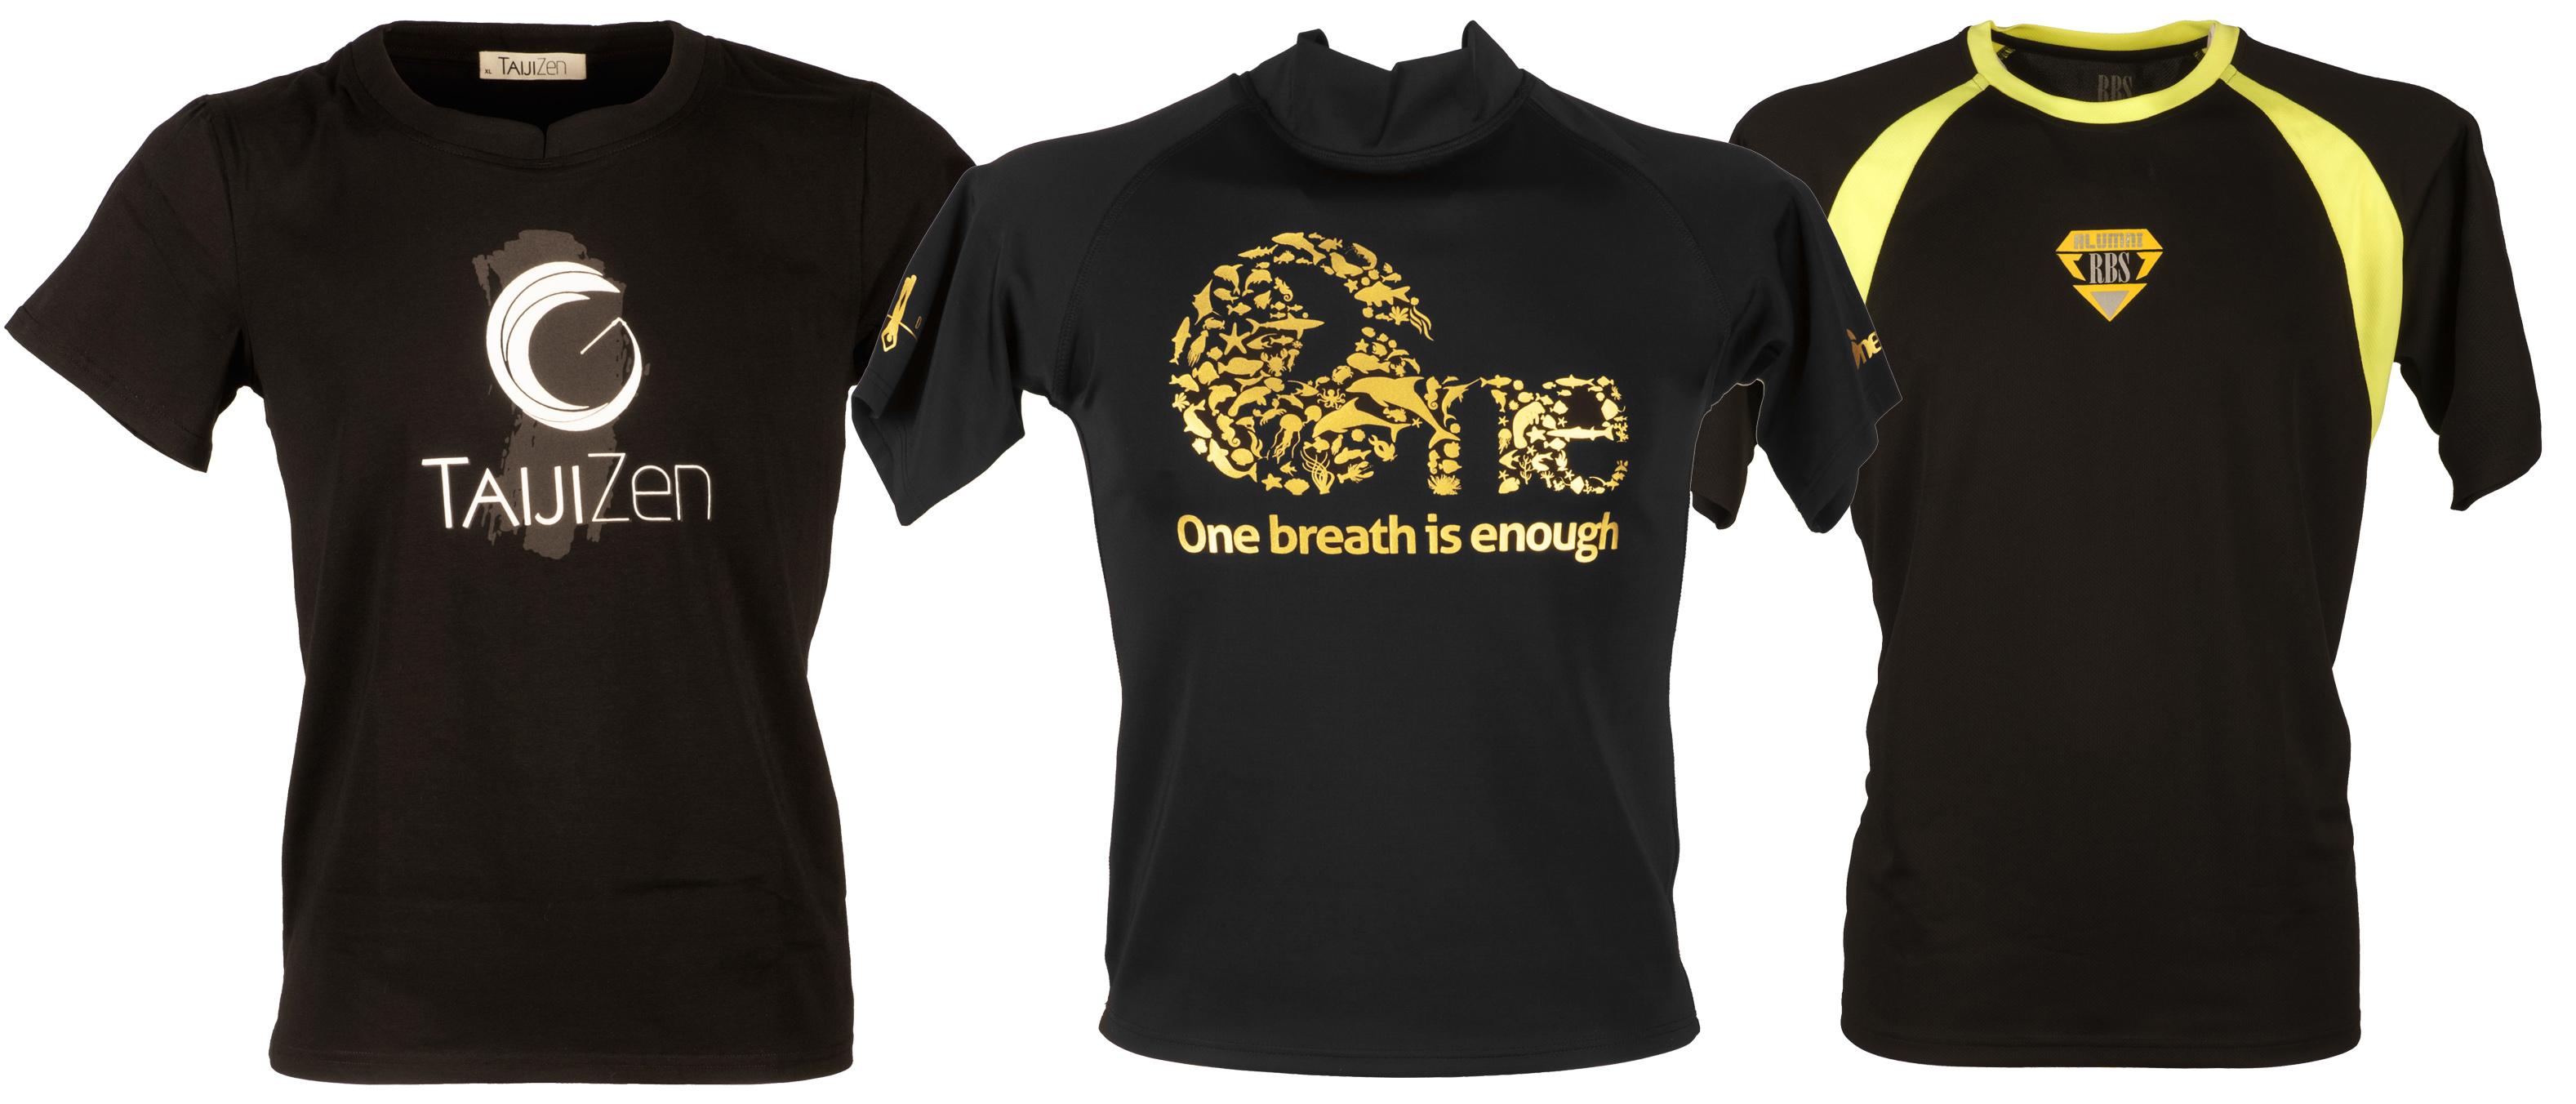 563e2a969 quanto costa una maglietta personalizzata. La tua scelta migliore di ...